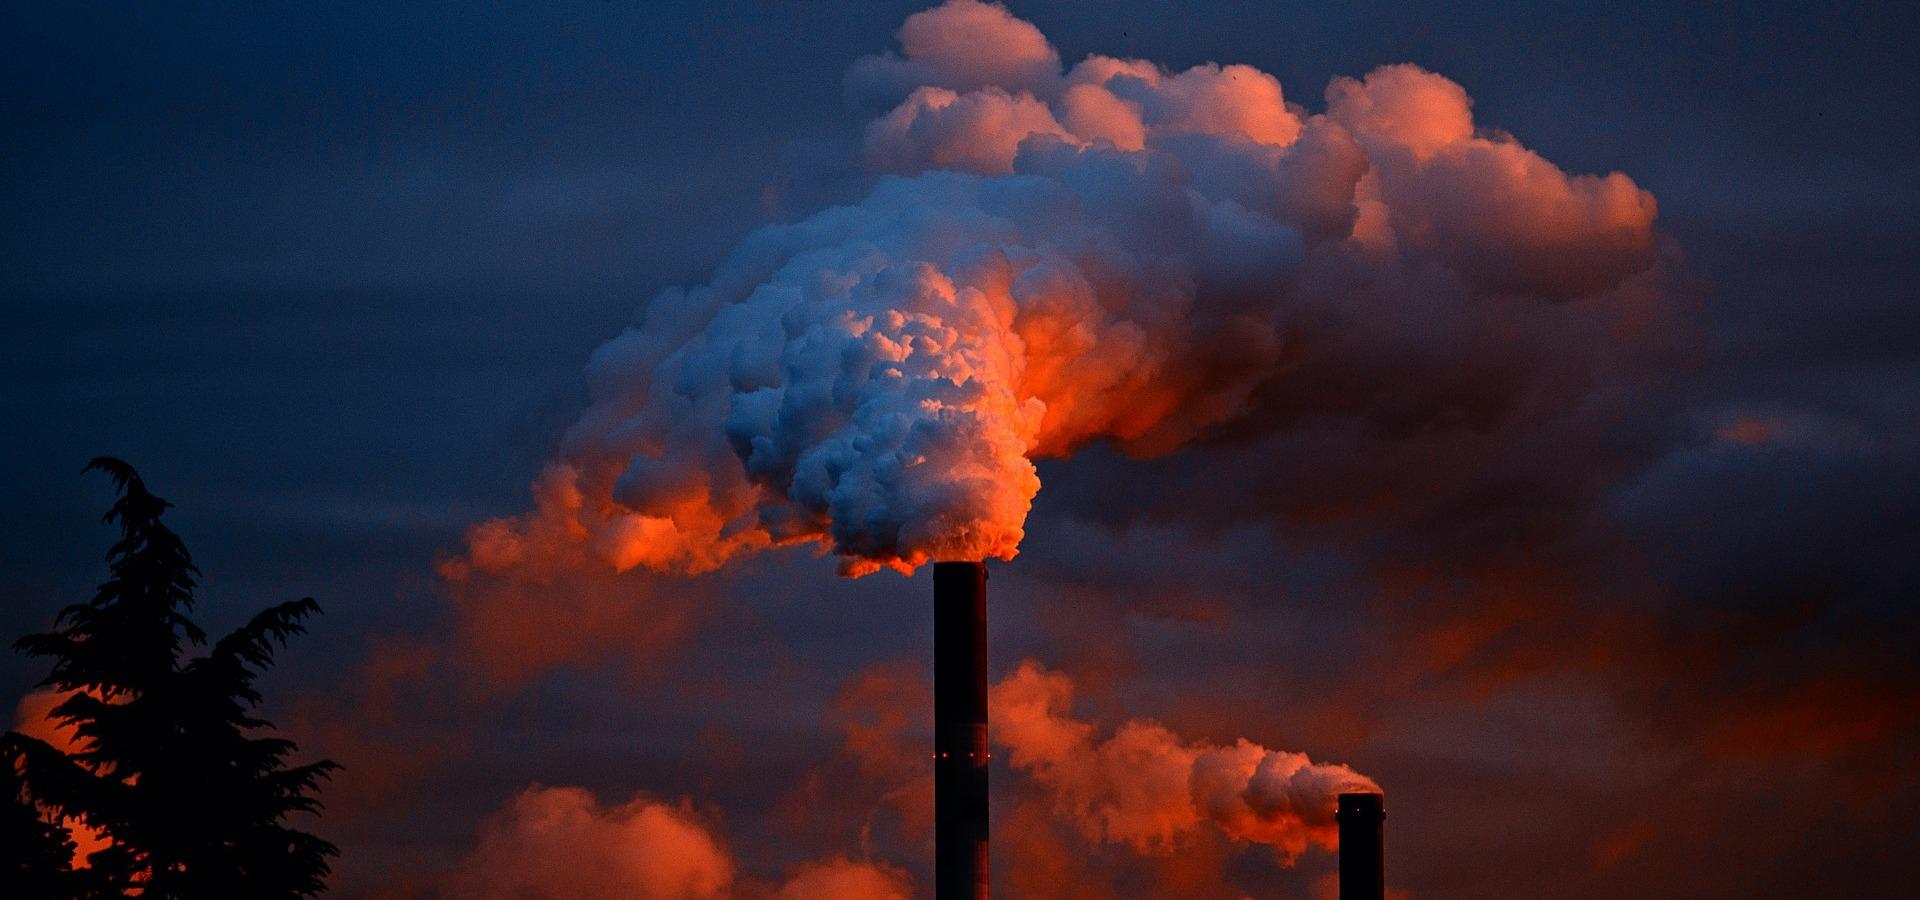 Niszczenie przyrody = niszczenie społeczeństwa